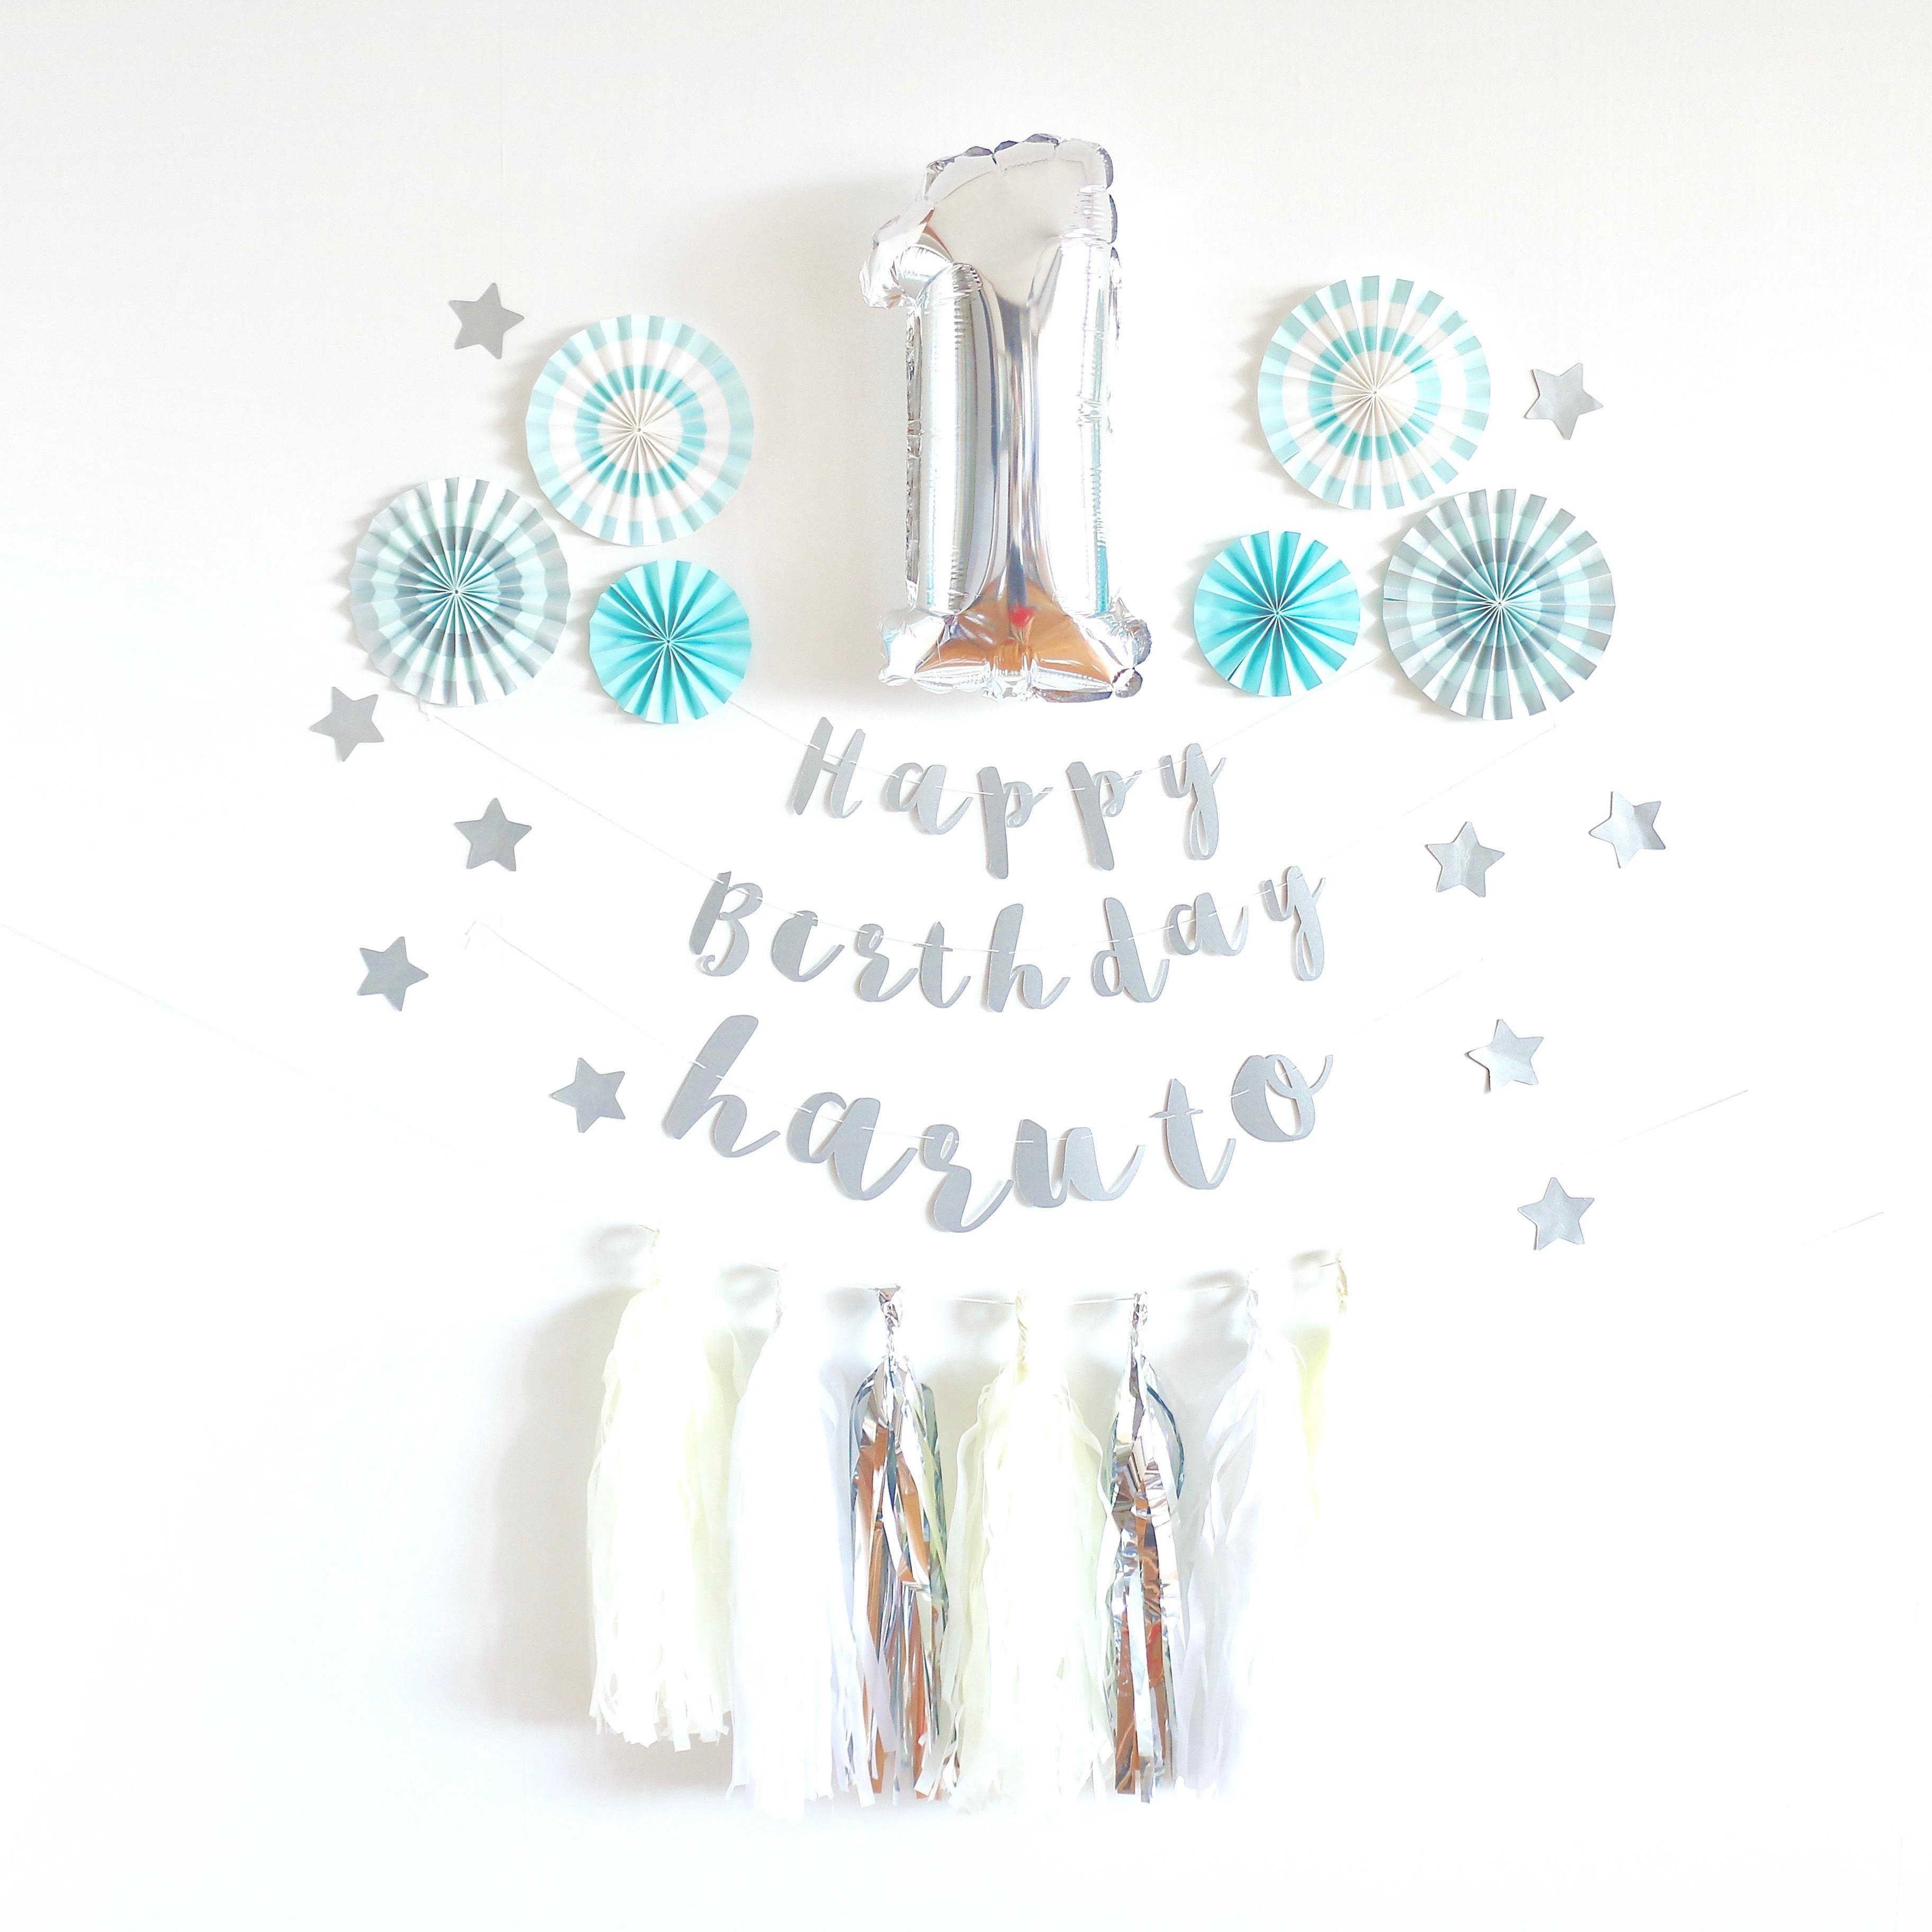 バースデーデコレーションキット(クリームソーダ・バルーンなし) 誕生日 ガーランド 飾り付け